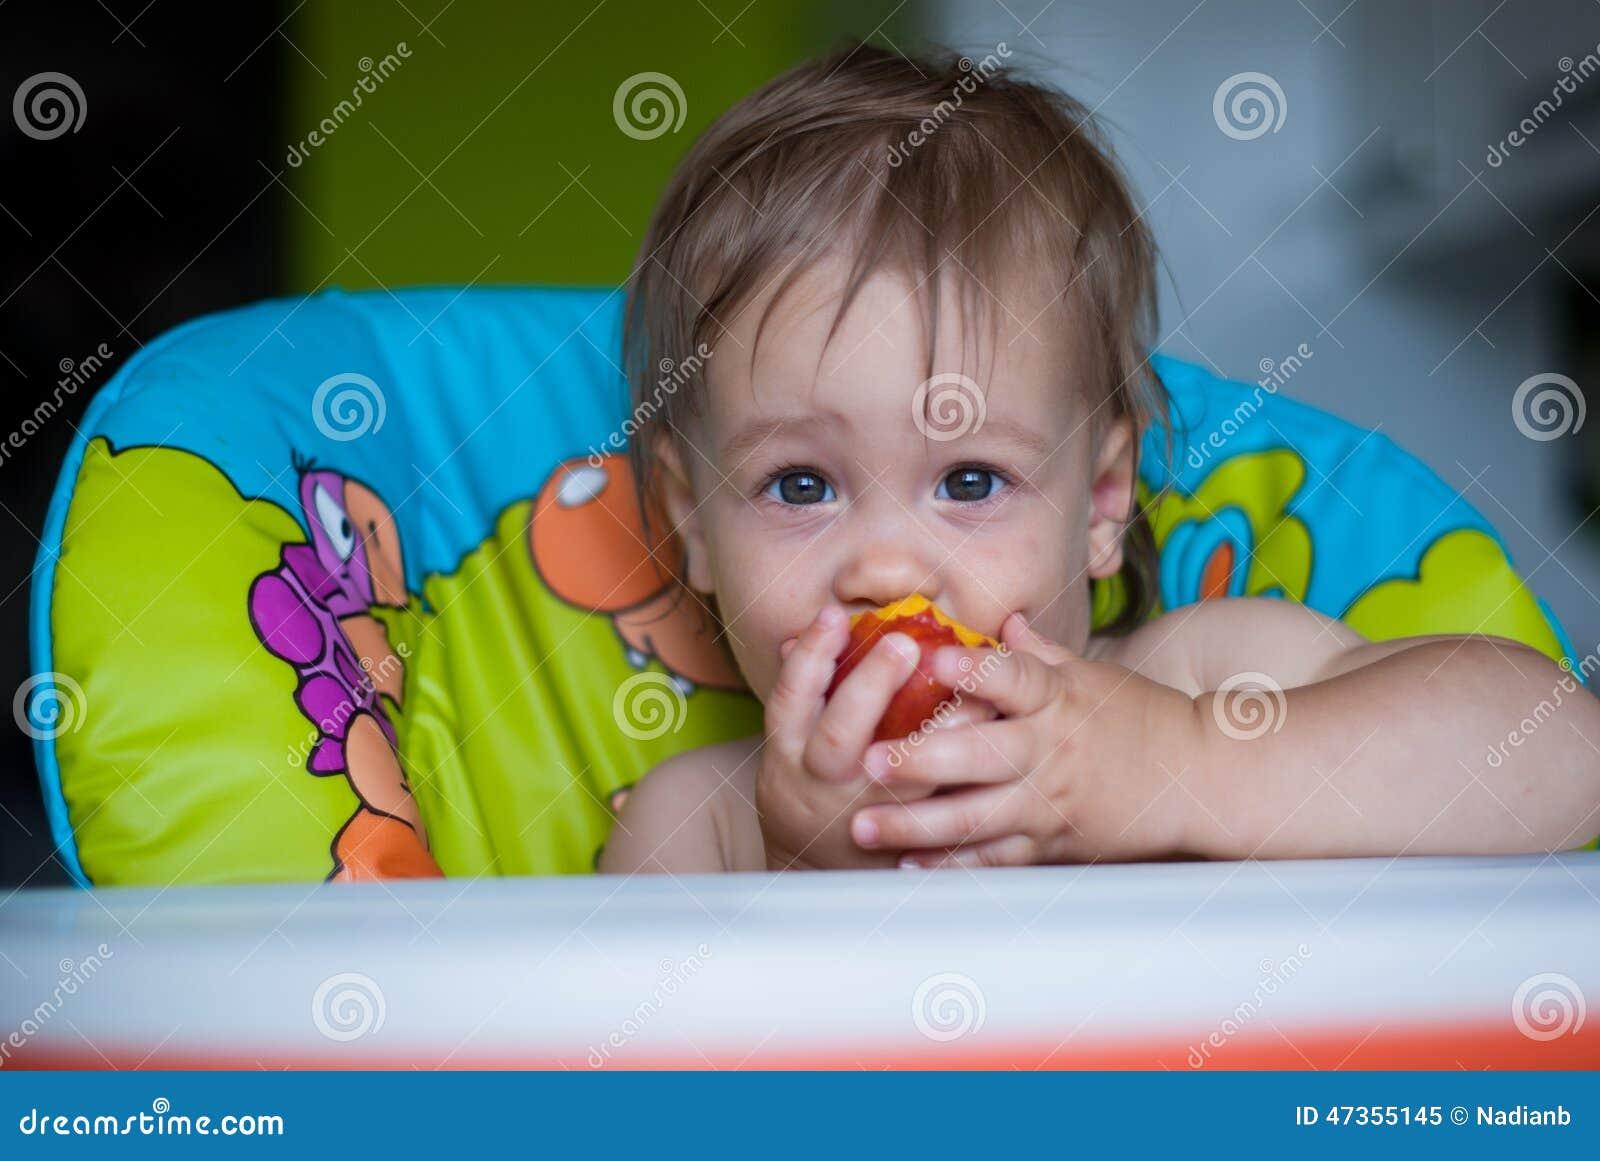 Υγιή τρόφιμα για το μωρό